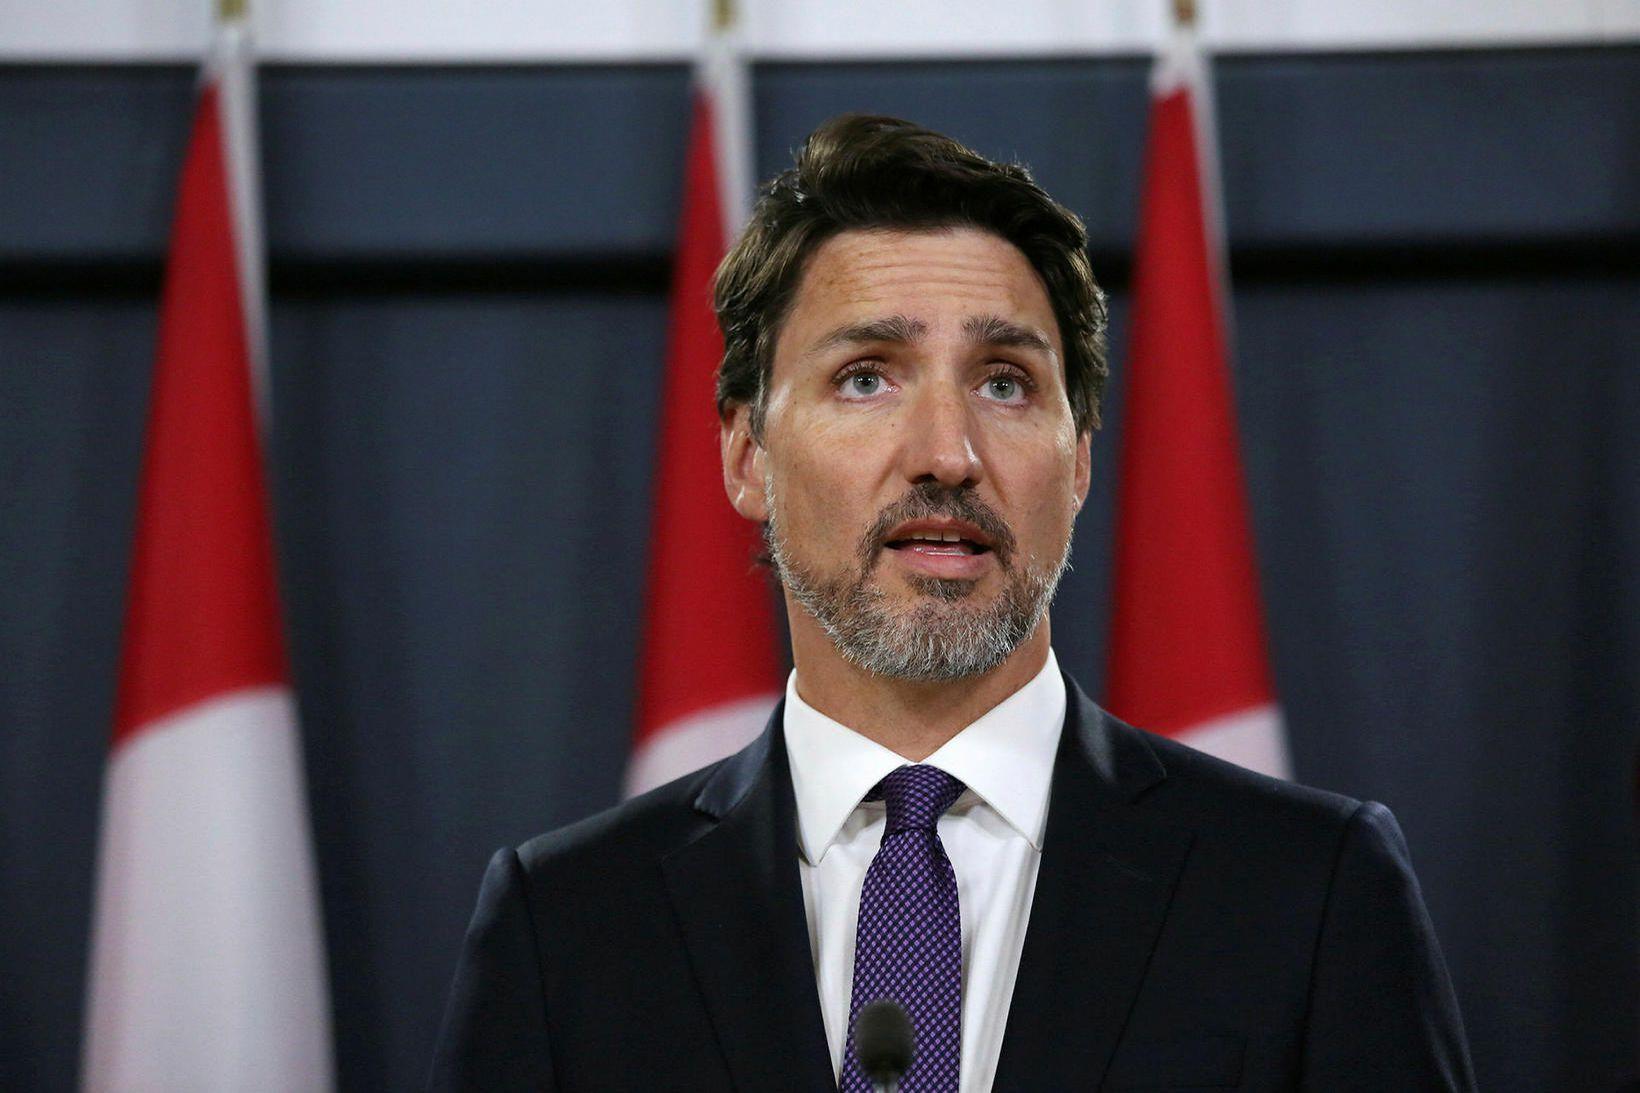 Justin Trudeau, forsætisráðherra Kanada, var ekki í húsinu þegar maðurinn …